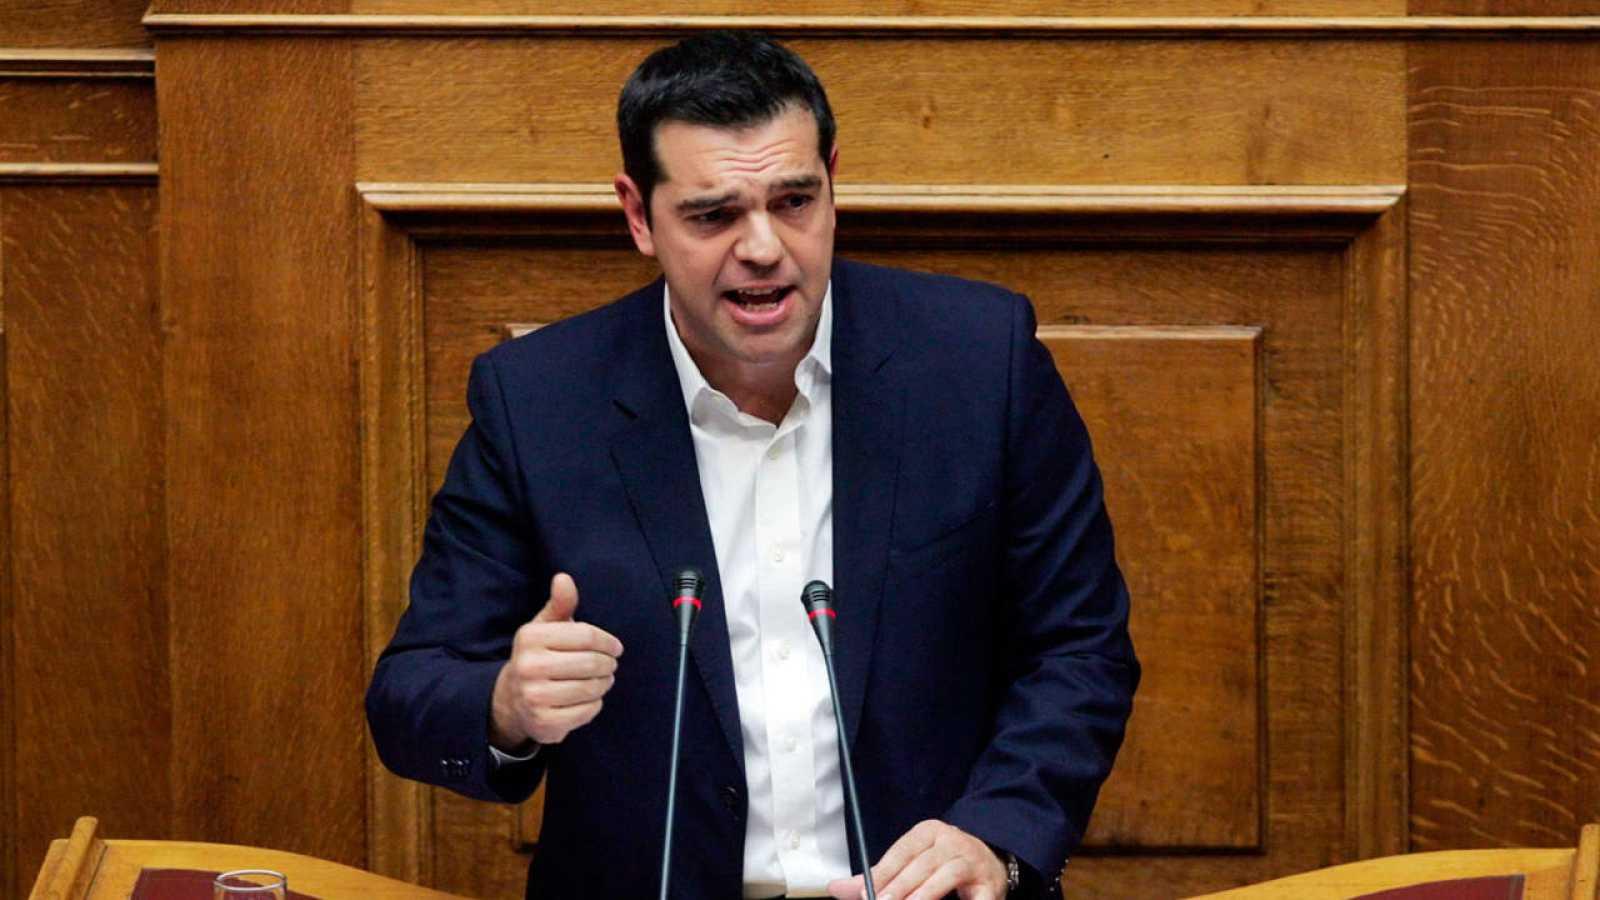 El primer ministro girego, Alexis Tsipras, durante su intervención en el Parlamento griego.